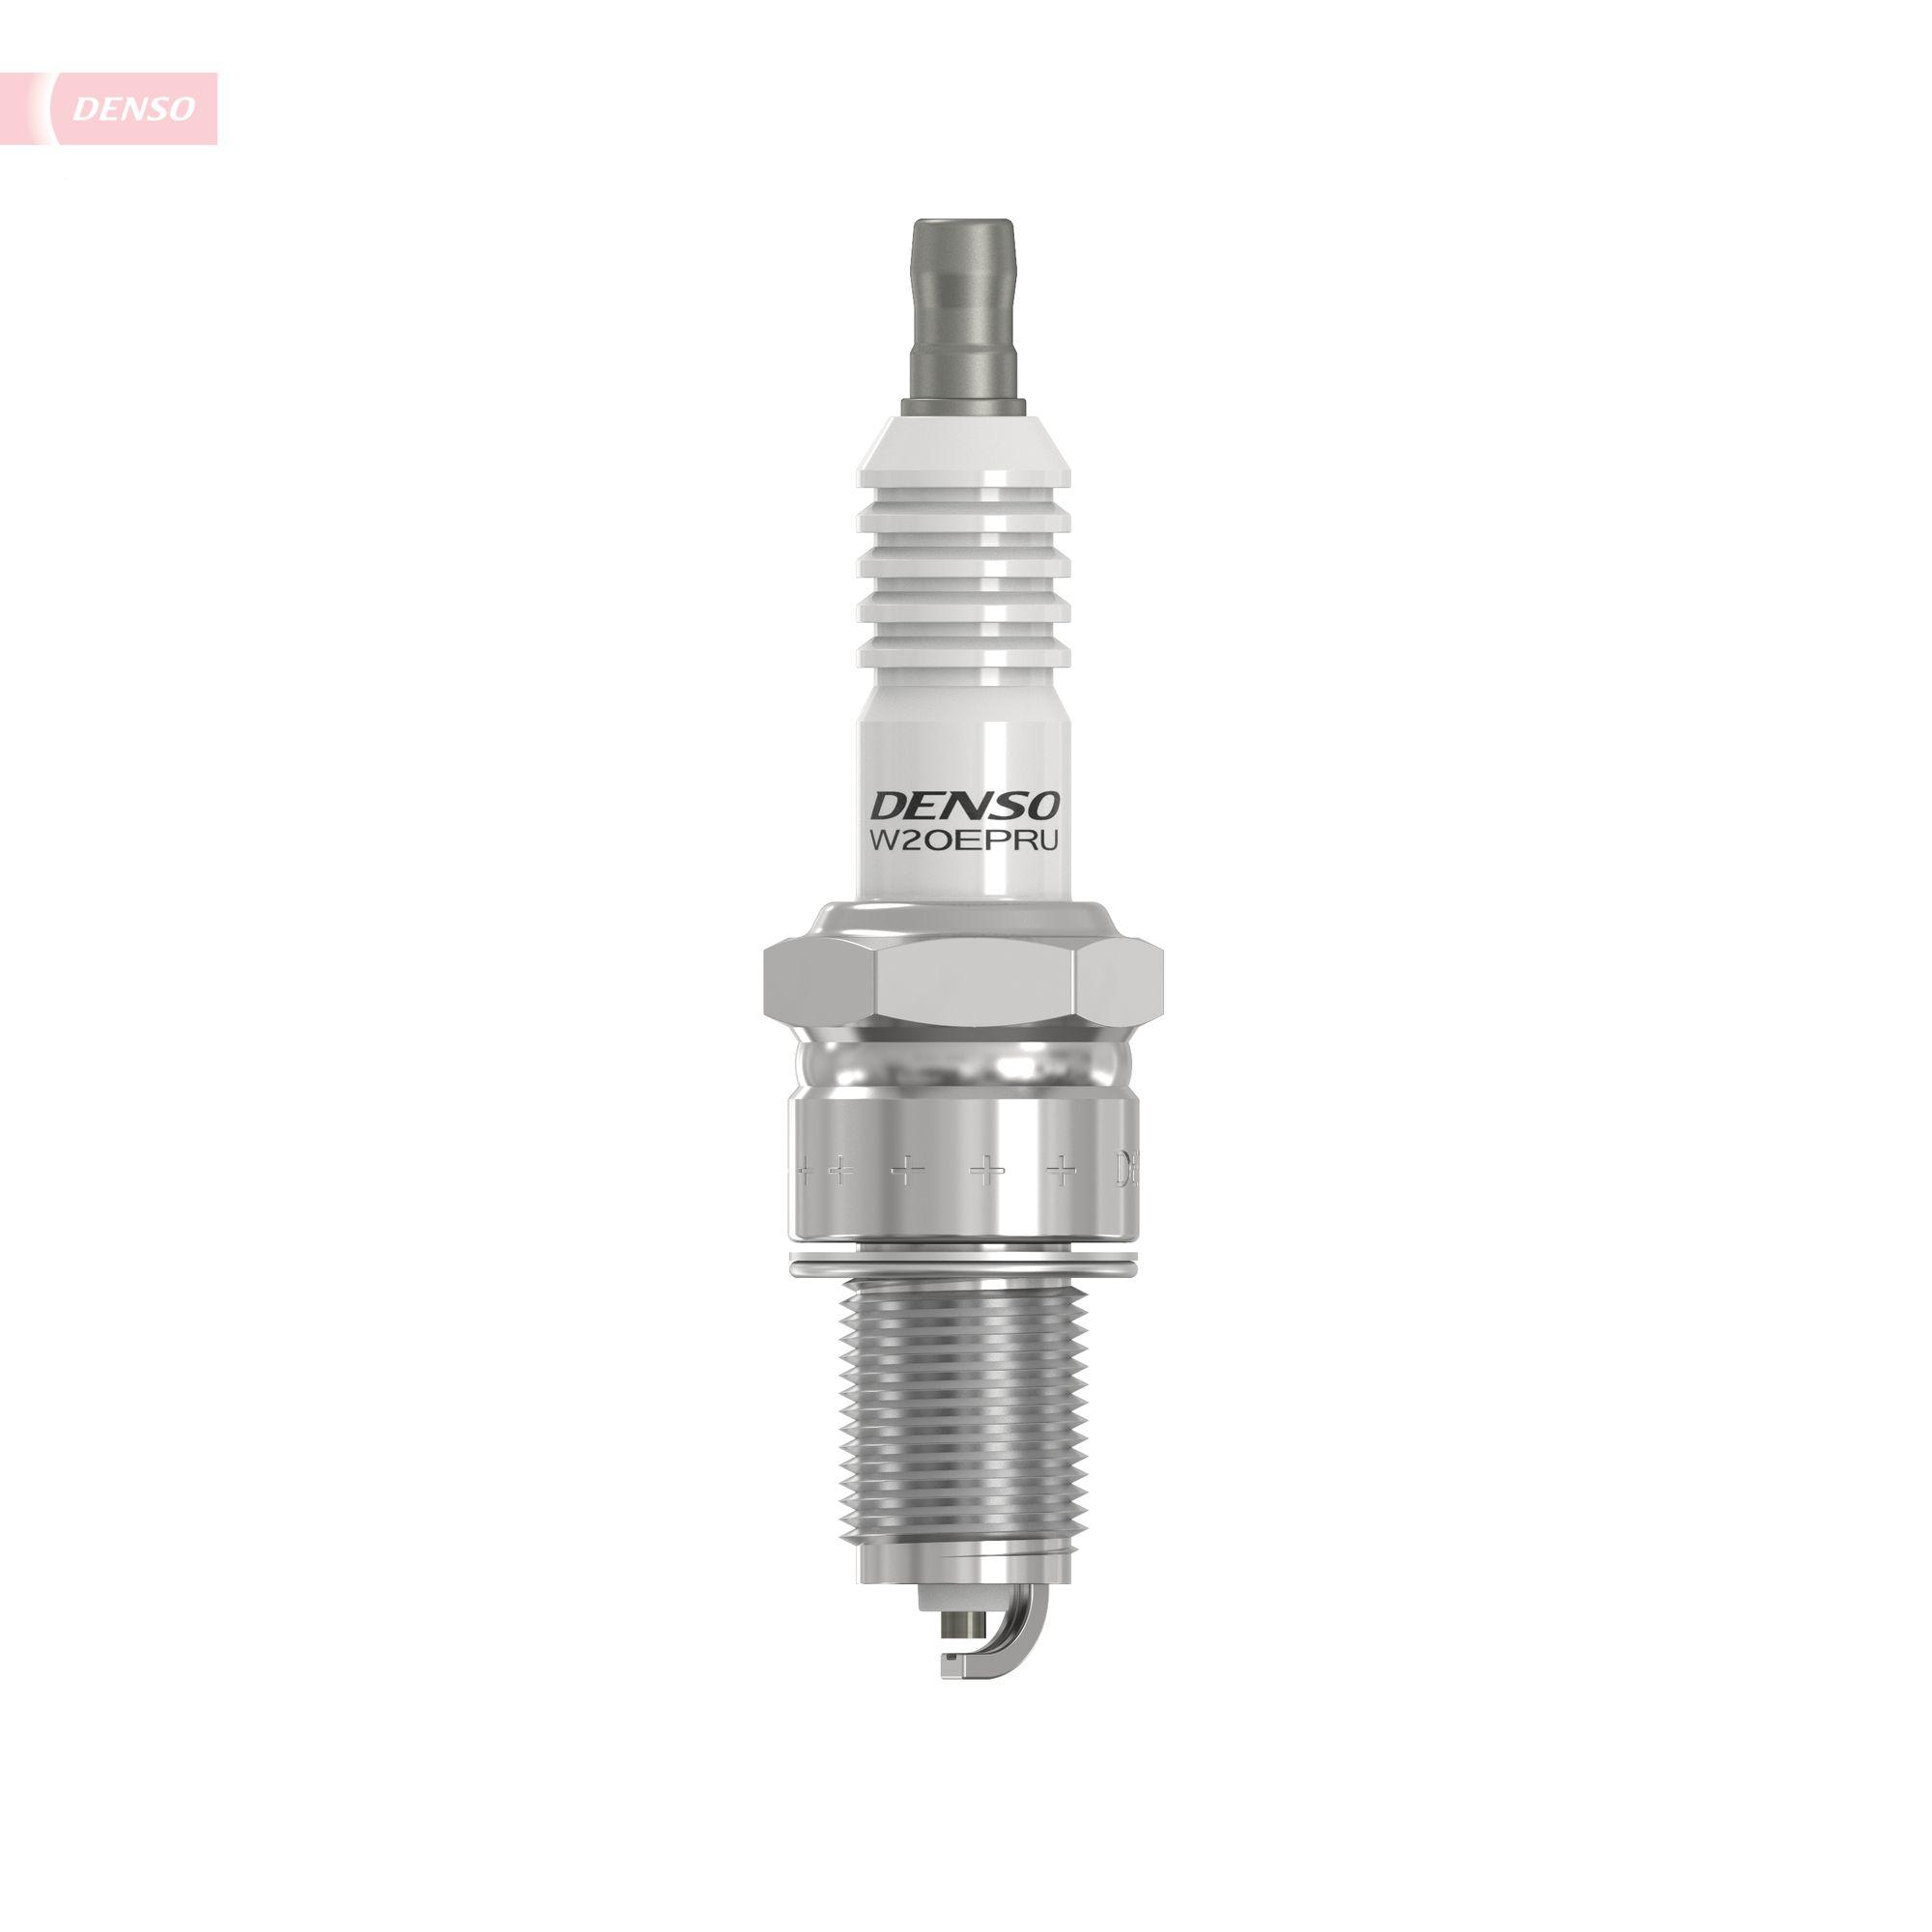 Original Запалителна свещ W20EPR-U Лотус